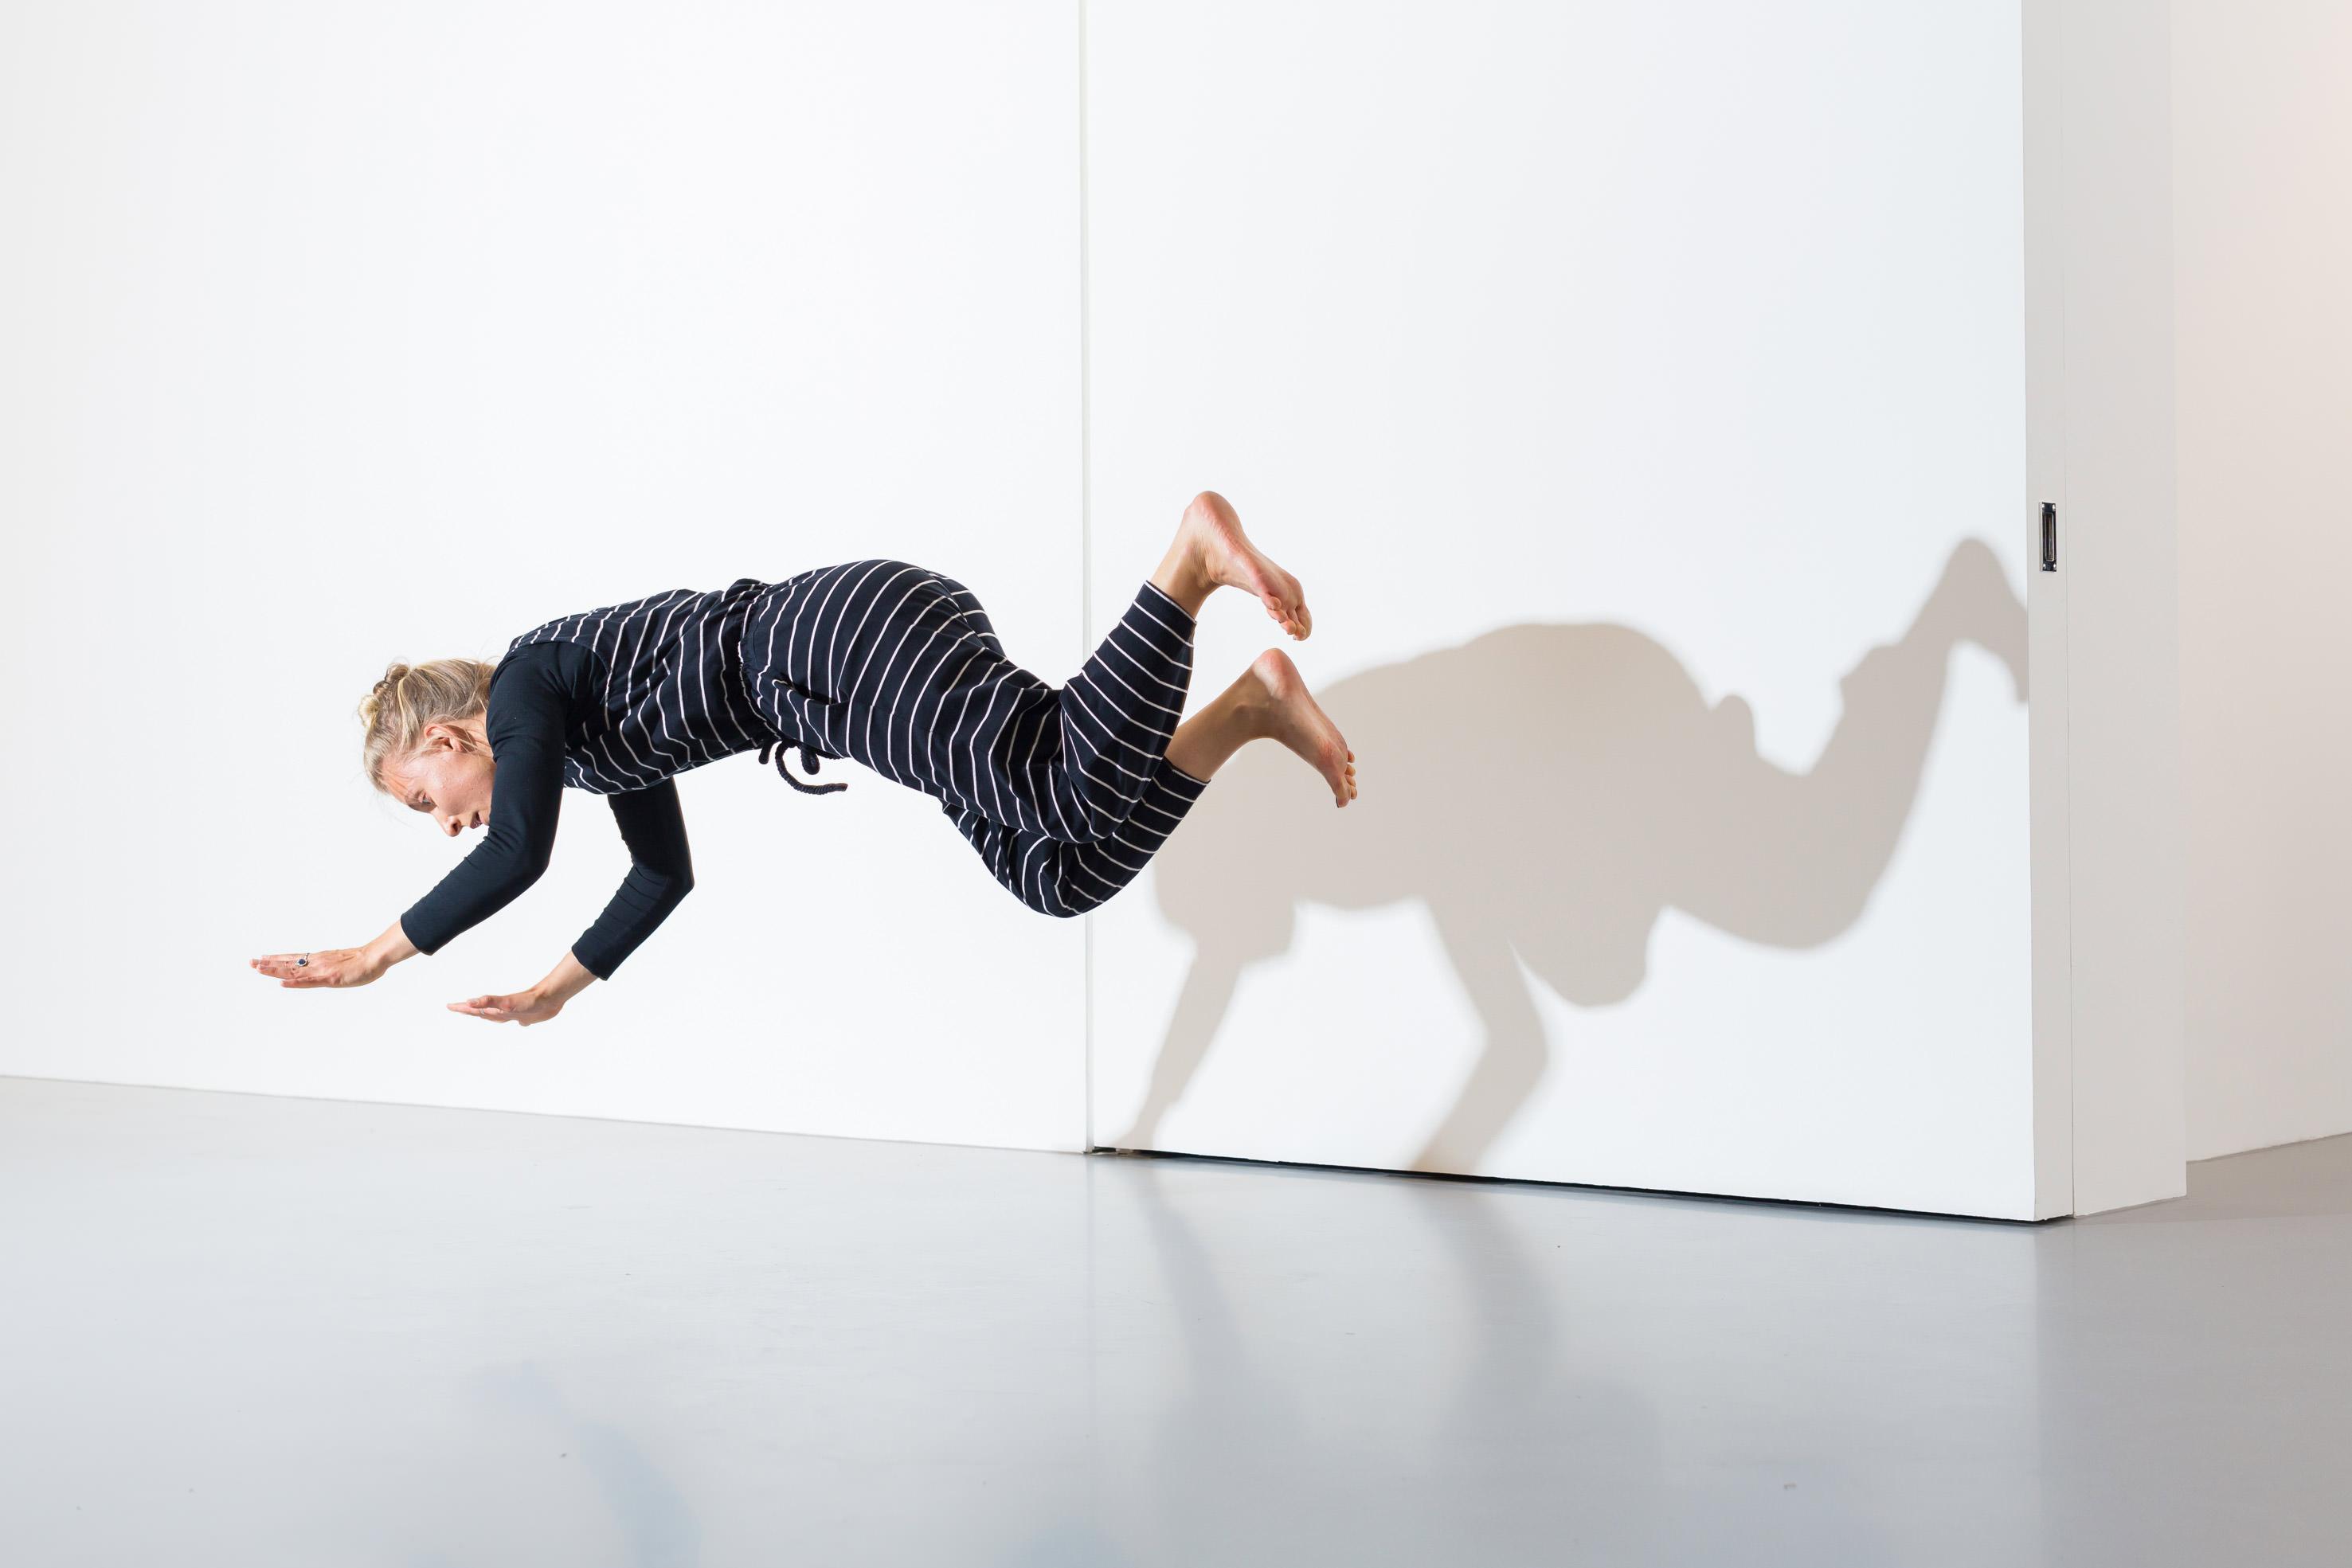 """Performance réalisée au sein du projet """"I am NOT tino sehgal""""à Nahmad Projects.    Francesco Bonami a donc eu l'idée de lancer un appel à candidatures auprès d'une nouvelle génération d'artistes internationaux influencés par la """"révolution"""" Tino Sehgal. Trente performances ont été sélectionnées et sont présentées quotidiennement – une par jour – jusqu'au 20 juillet. """"Les performances ne sont pas forcément liées à des œuvres de Tino Sehgal, nous explique Tommaso Calabro peu avant l'ouverture au public.Mais certaines se sont bien sûr inspirées de sa pièce emblématique The Kiss[une chorégraphie au cours de laquelle un couple reproduit les baisers les plus célèbres de l'histoire de l'art]. Trois performeurs reproduiront par exemple les mouvements des chats les plus célèbres de l'histoire de l'art [rires]."""" L'hommage se permet donc quelques dérisions et prises de distance.    """"AVEC TINO SEHGAL, NOUS ASSISTONS À LA FIN DE L'ART CONTEMPORAIN.""""Francesco Bonami    """"Finalement, nous explique le curateur Francesco Bonami, n'importe quelle situation pourrait être du Tino Sehgal. Vous entrez dans une galerie et un gardien commence à vous parler… c'est du Tino Sehgal! Dans les performances classiques telles que les pratique Marina Abramovic, la mise en scène et l'aspect théâtral vous indiquent clairement qu'il s'agit d'une œuvre. Rien de tout cela avec Tino Sehgal! Ses situations n'impliquent qu'une relation avec au minimum deuxpersonnes, le performeur et le spectateur. Et celui-ci n'est bien souvent pas informé de ce qui se passera, ni où, ni quand. Tino Sehgal a porté la dématérialisation de l'œuvre d'art à un tel point qu'il incarne pour moi la fin ultime de l'art contemporain, celui qui avait commencé avec Marcel Duchamp et qui se clôt donc avec lui. La fin de l'objet est totale."""""""